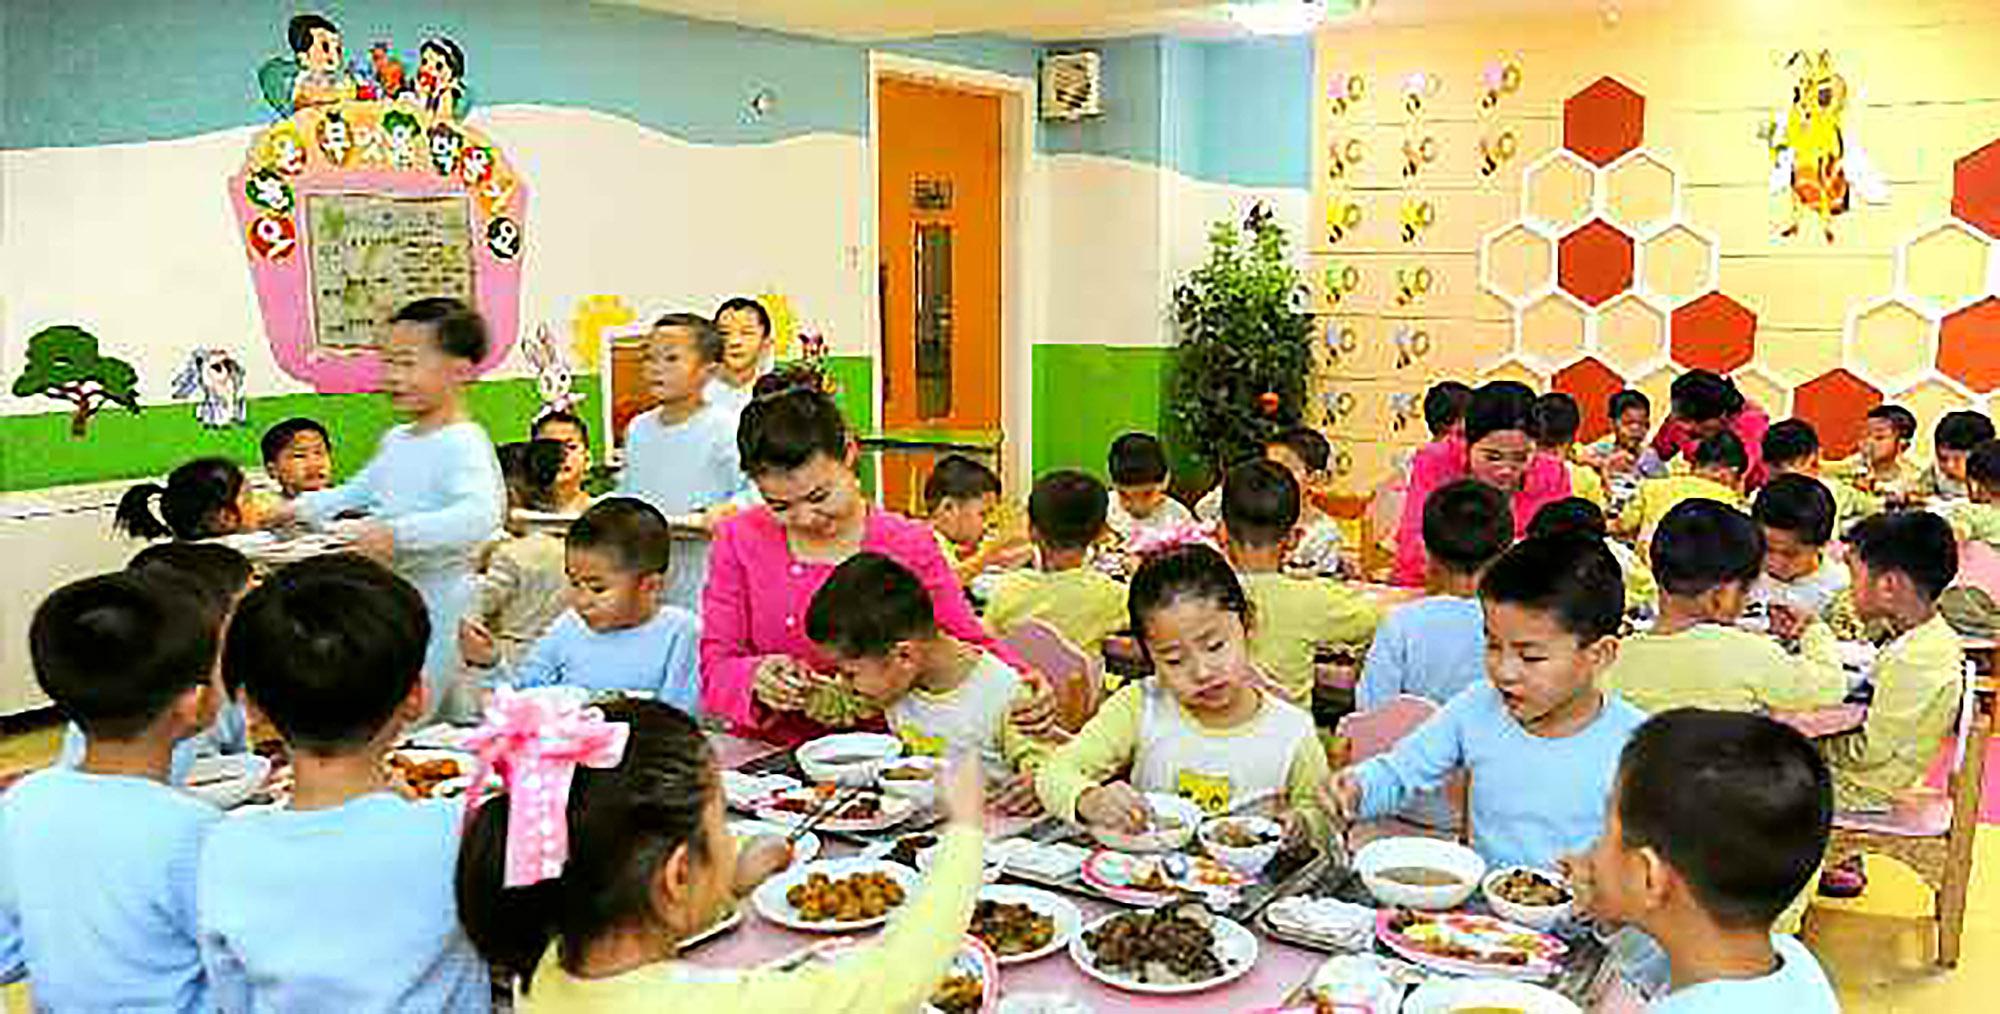 북한 노동당 기관지 노동신문은 26일 '1월8일 수산사업소'에서 평양 중등학원에 물고기를 보냈다고 보도했다. 북한에서는 부모가 없는 아이들을 연령대에 맞게 육아원, 애육원, 초등 및 중등학원에서 생활하게 하고 있다. 아이들의 식사 모습. [사진 노동신문=뉴스1]